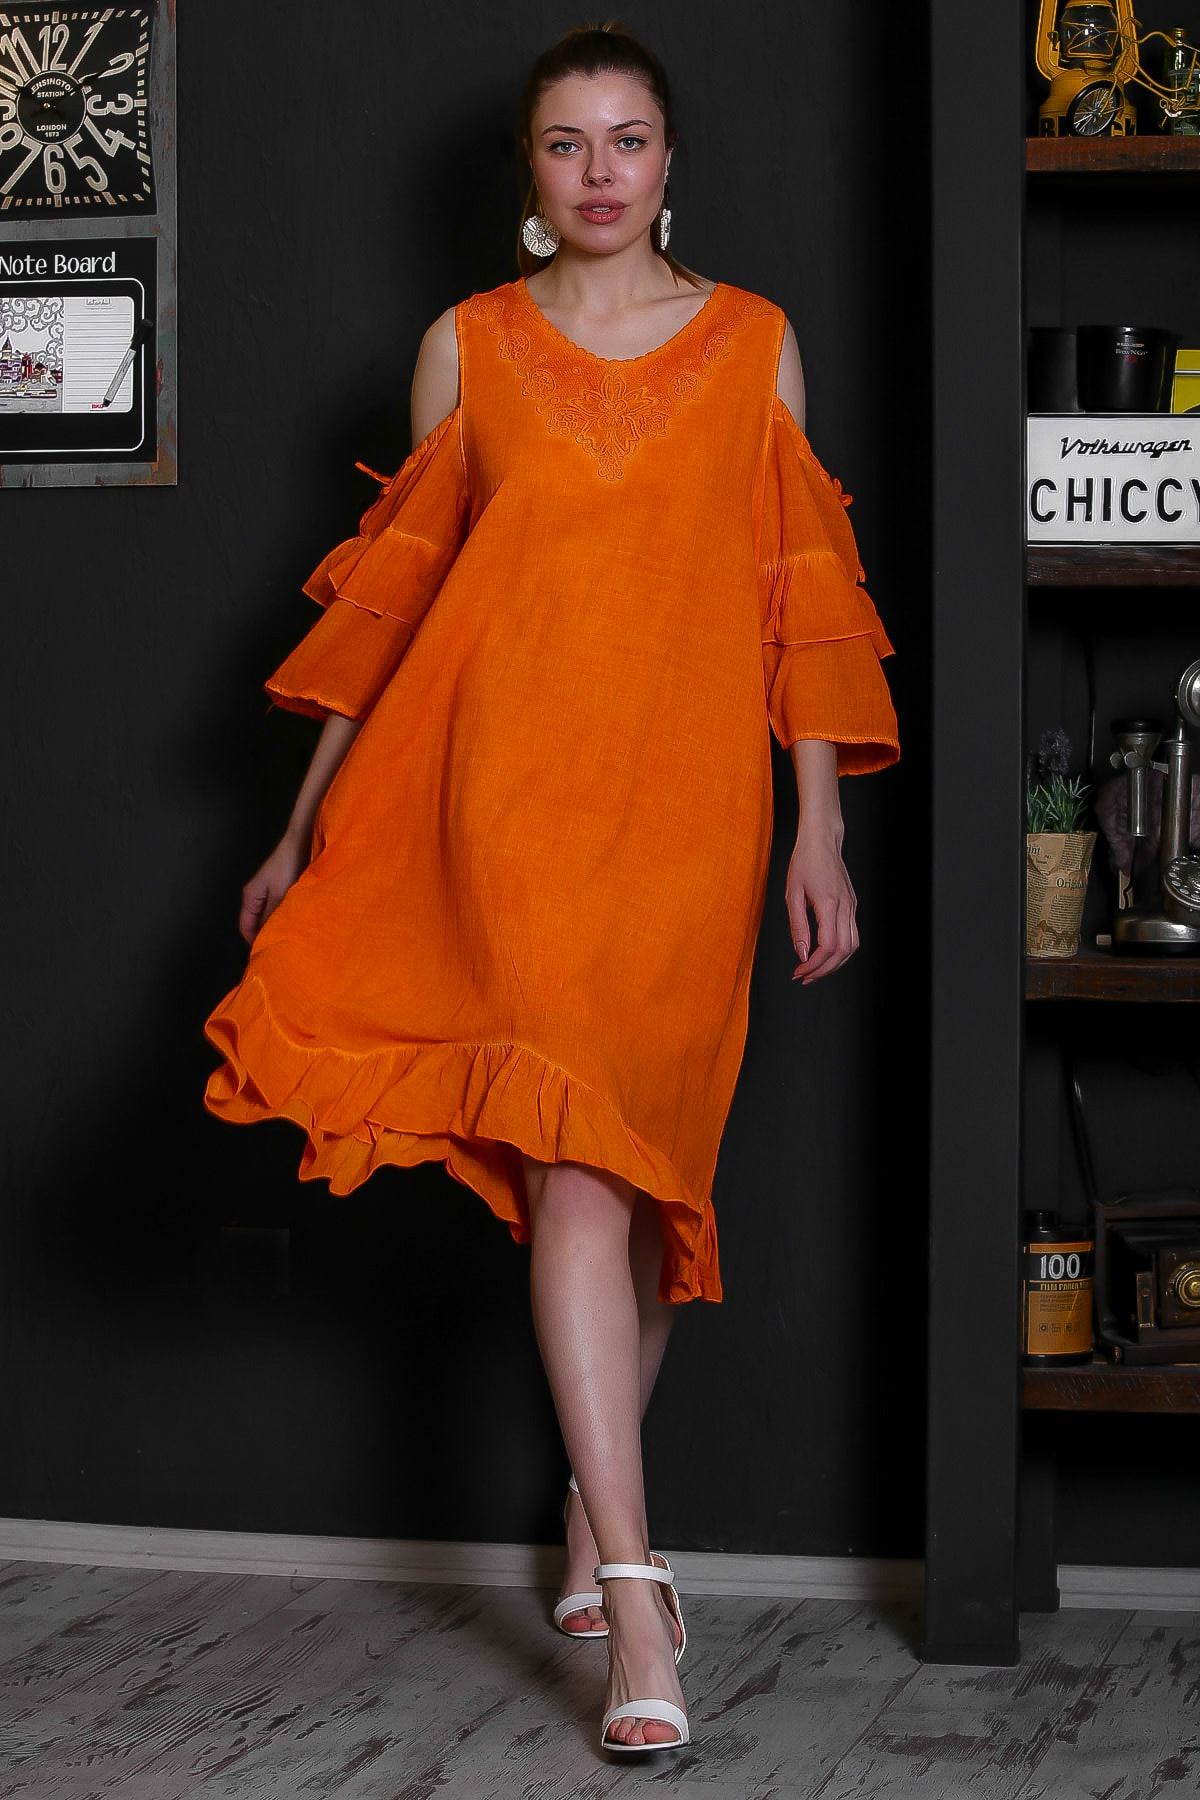 Chiccy Kadın Turuncu Dantel Yakalı Omuzları Pencereli Volanlı Astarlı Yıkamalı Elbise M10160000EL95361 3